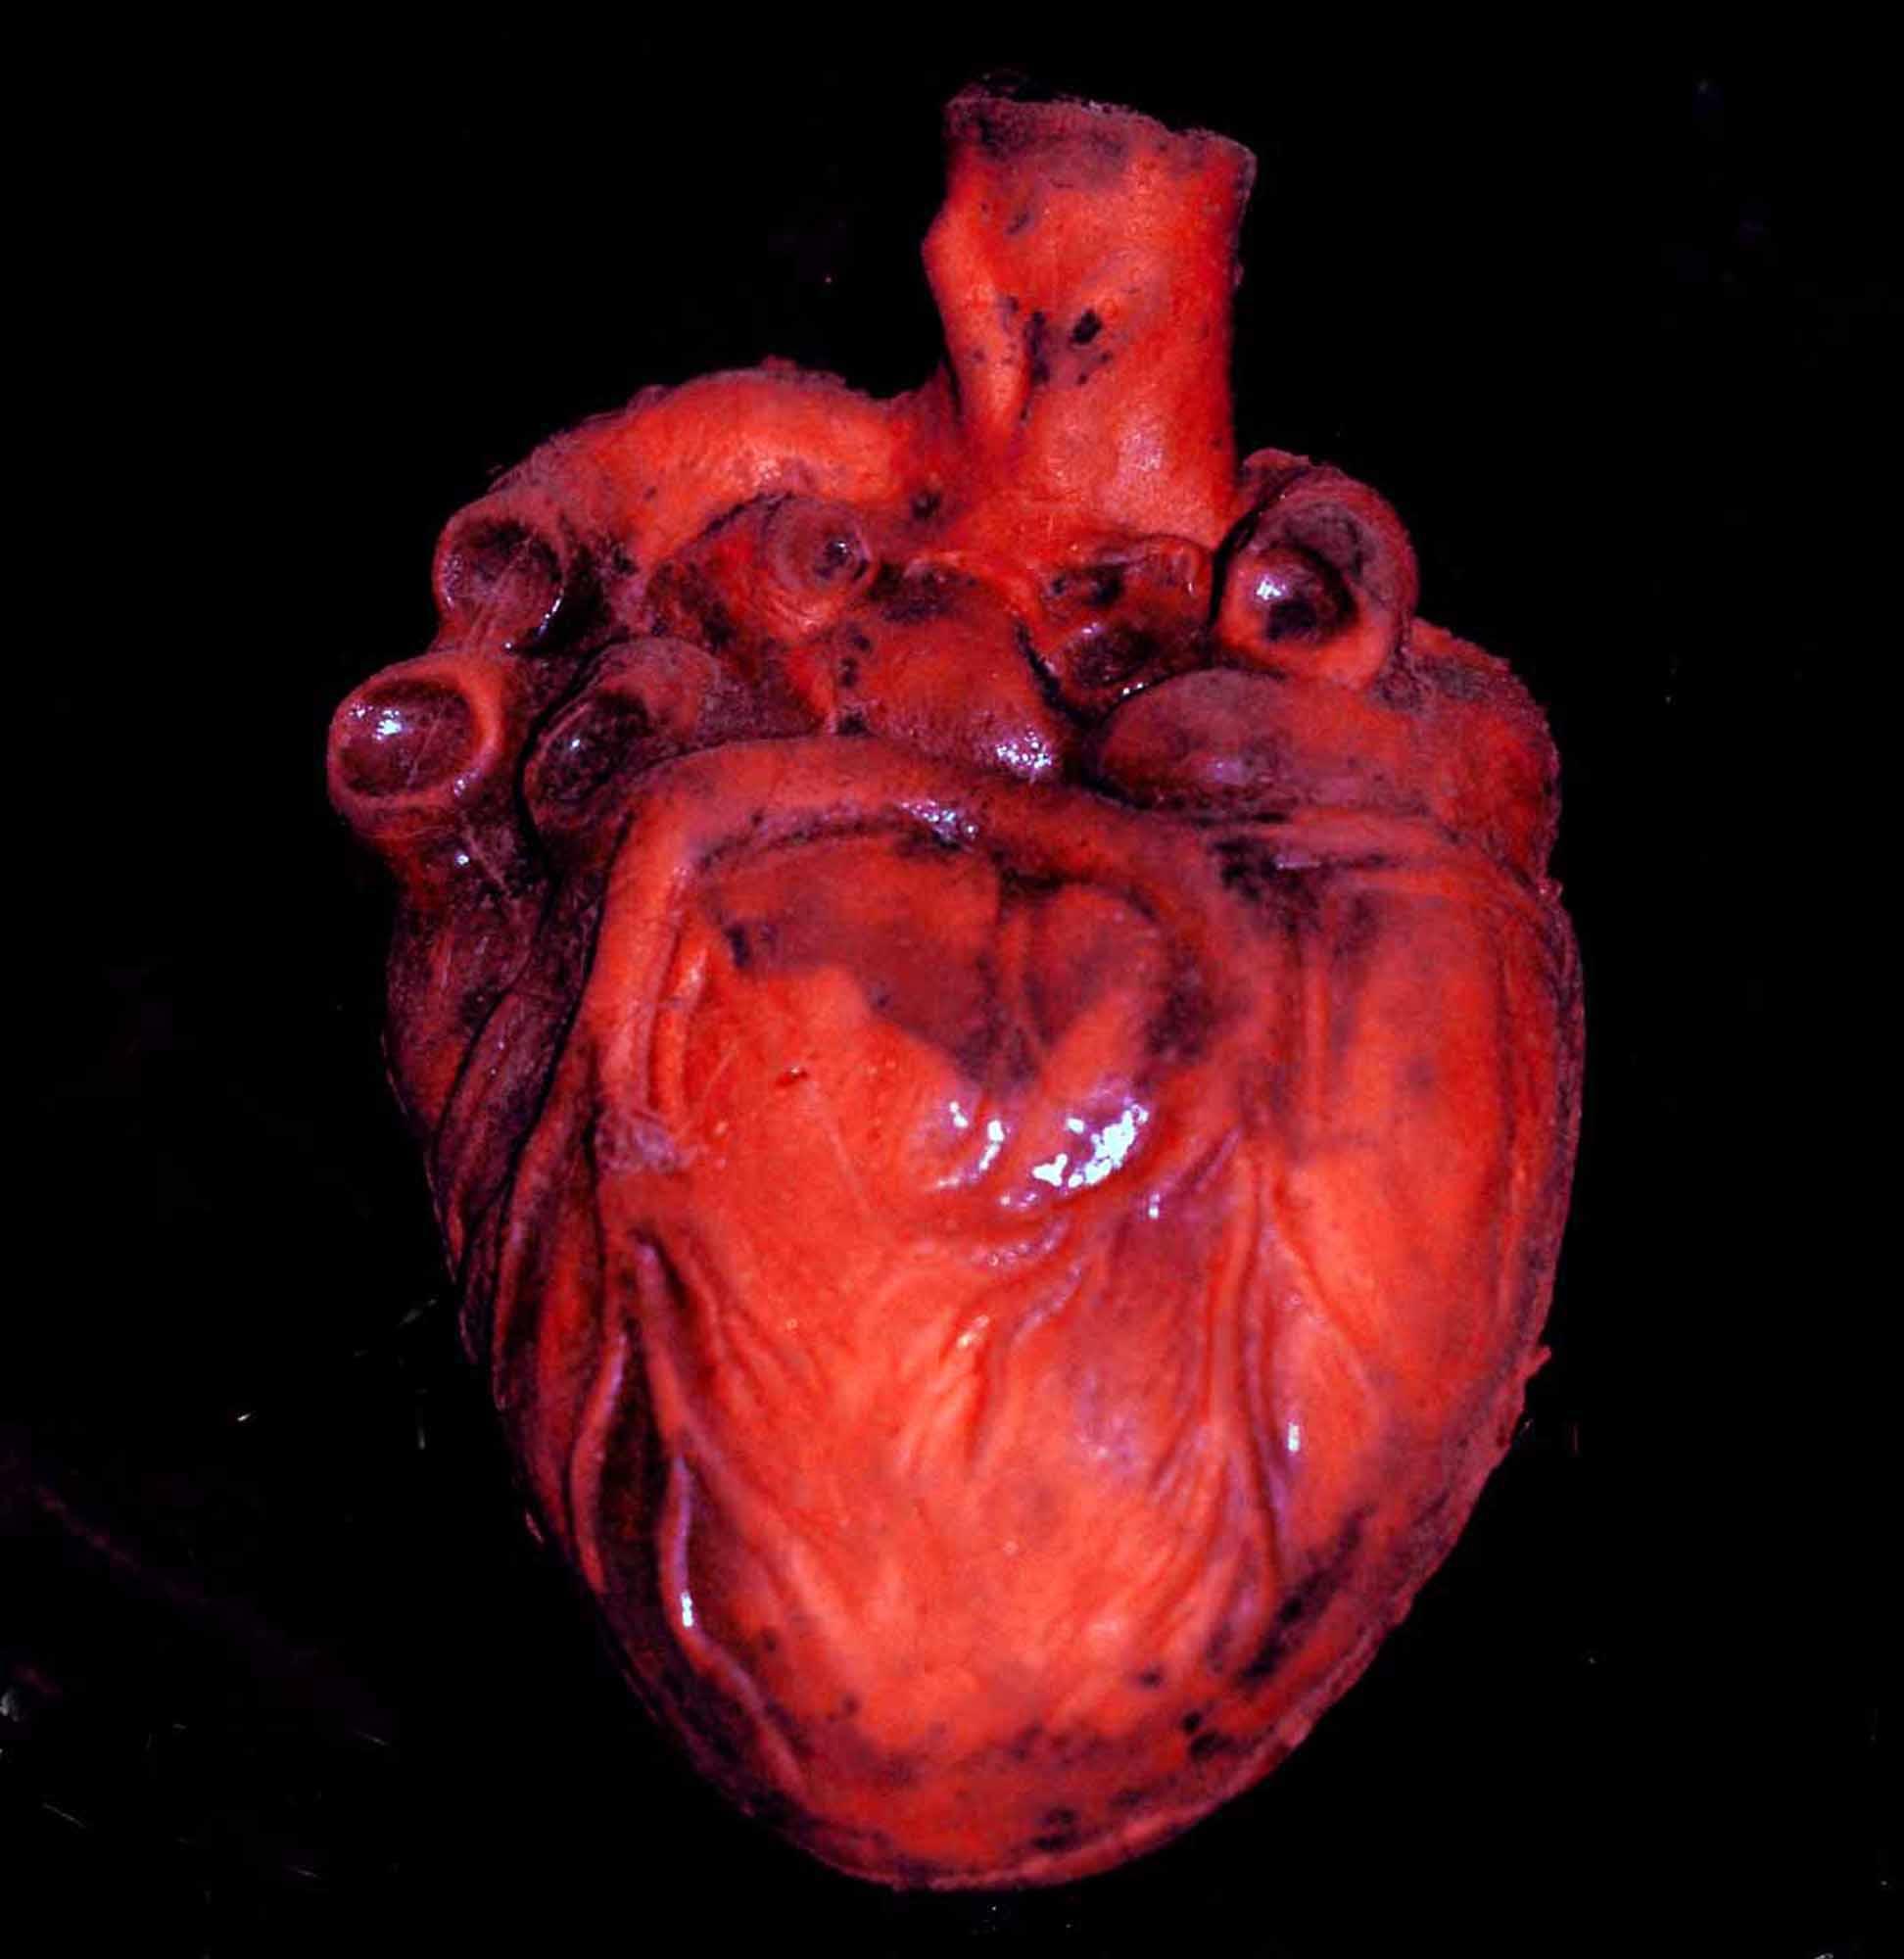 Картинки человеческого сердца с надписями, мишками теми